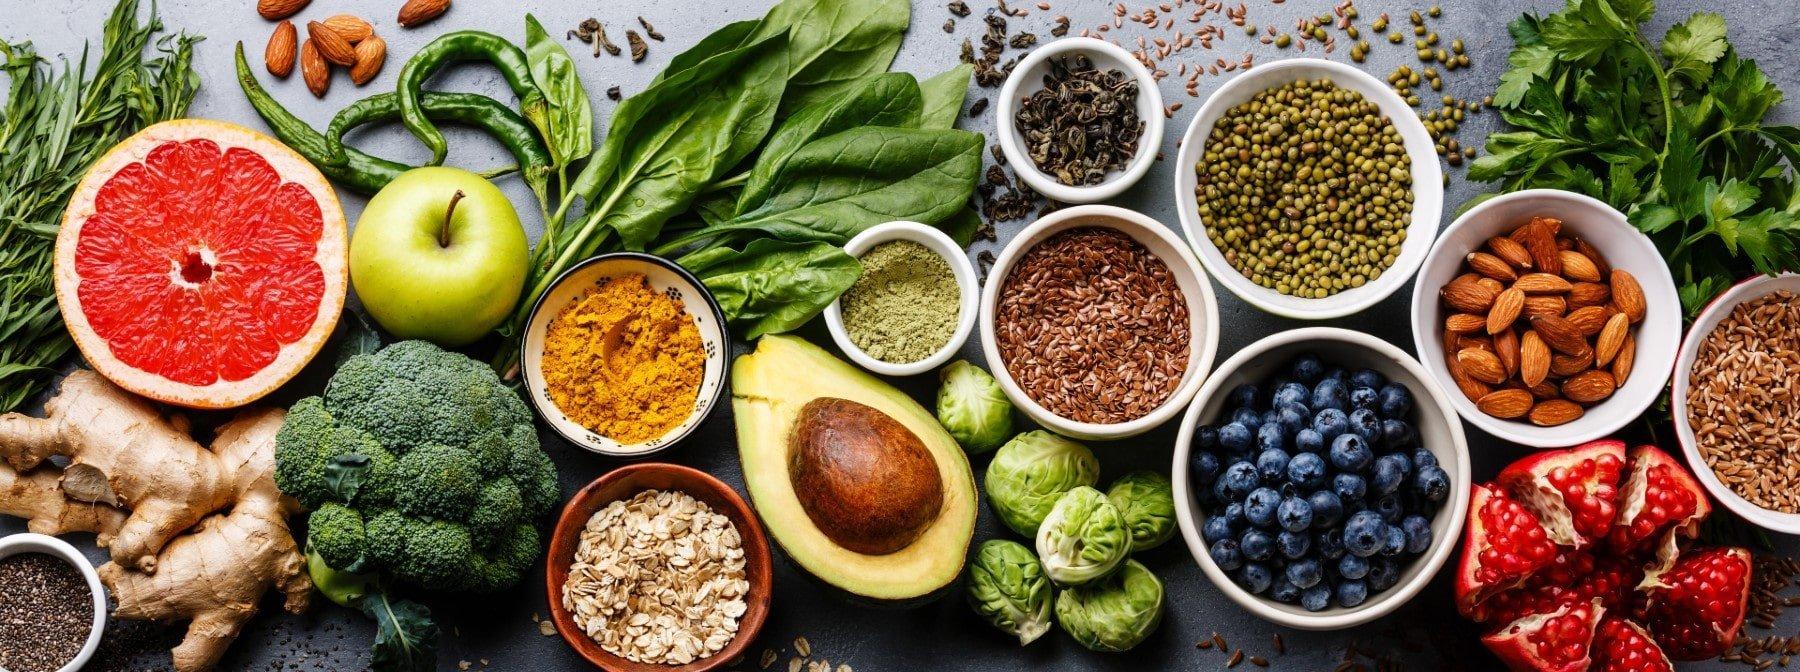 20 лучших продуктов для сжигания жира